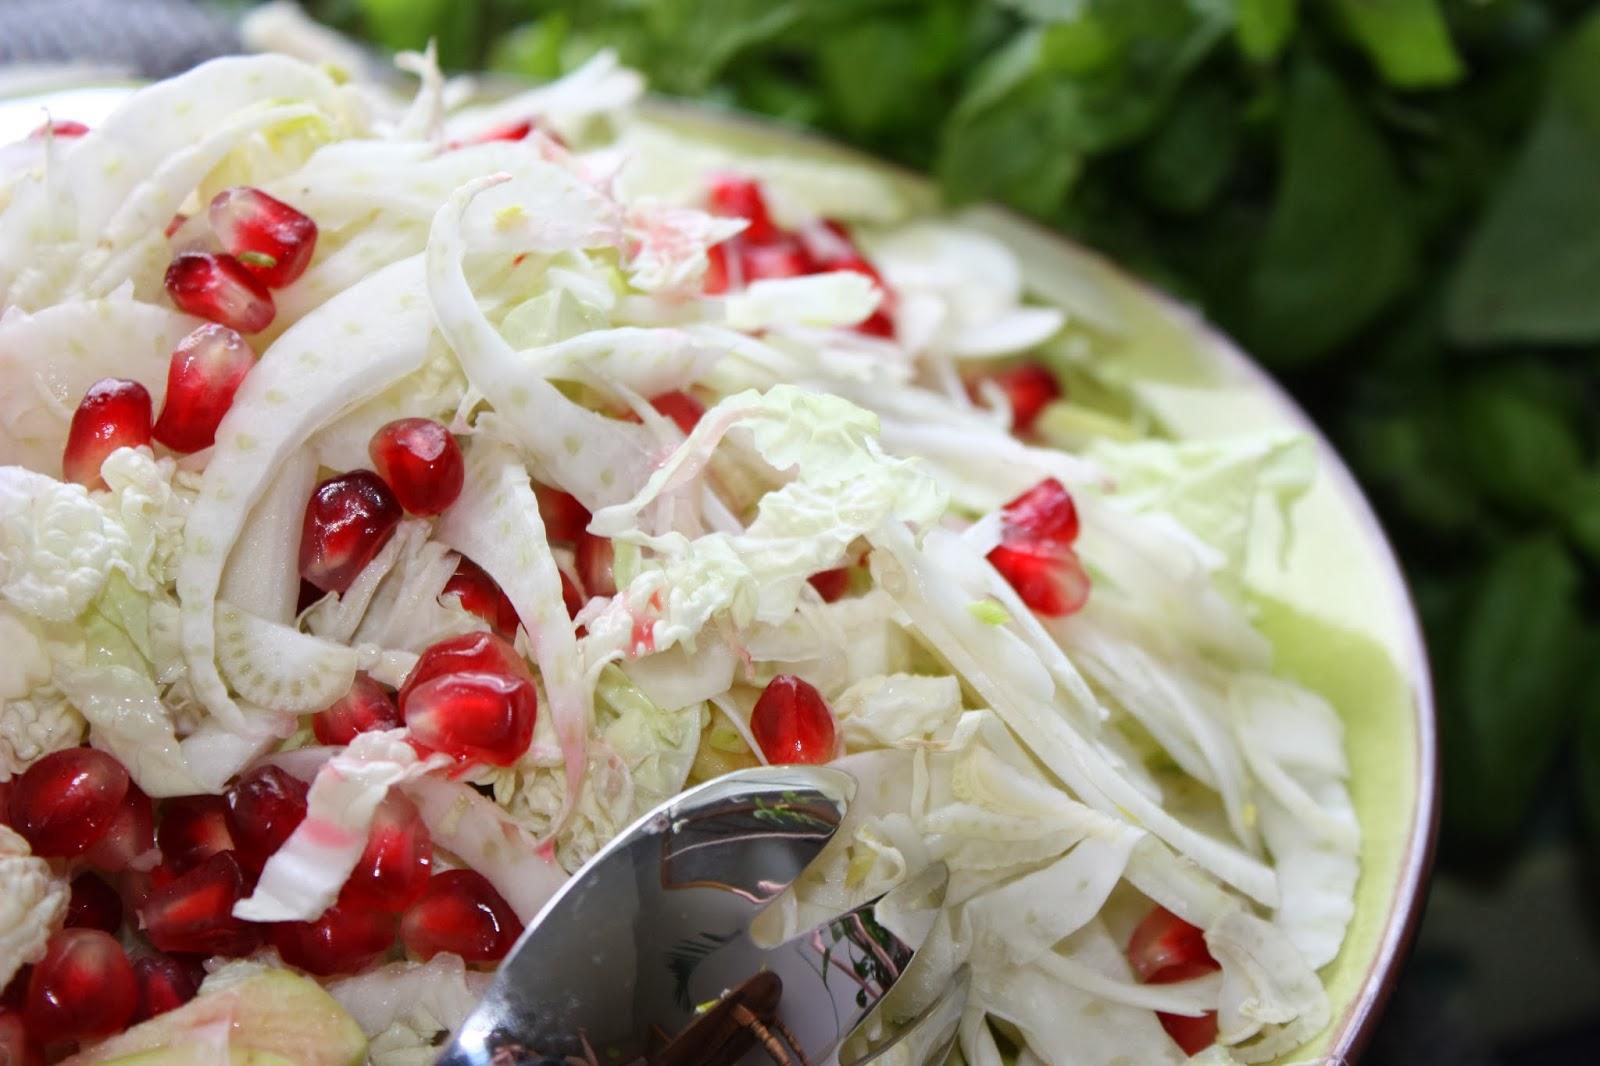 http://cocottechlorophylle.blogspot.fr/2014/01/coleslaw-dhiver-trop-chou-slr.html